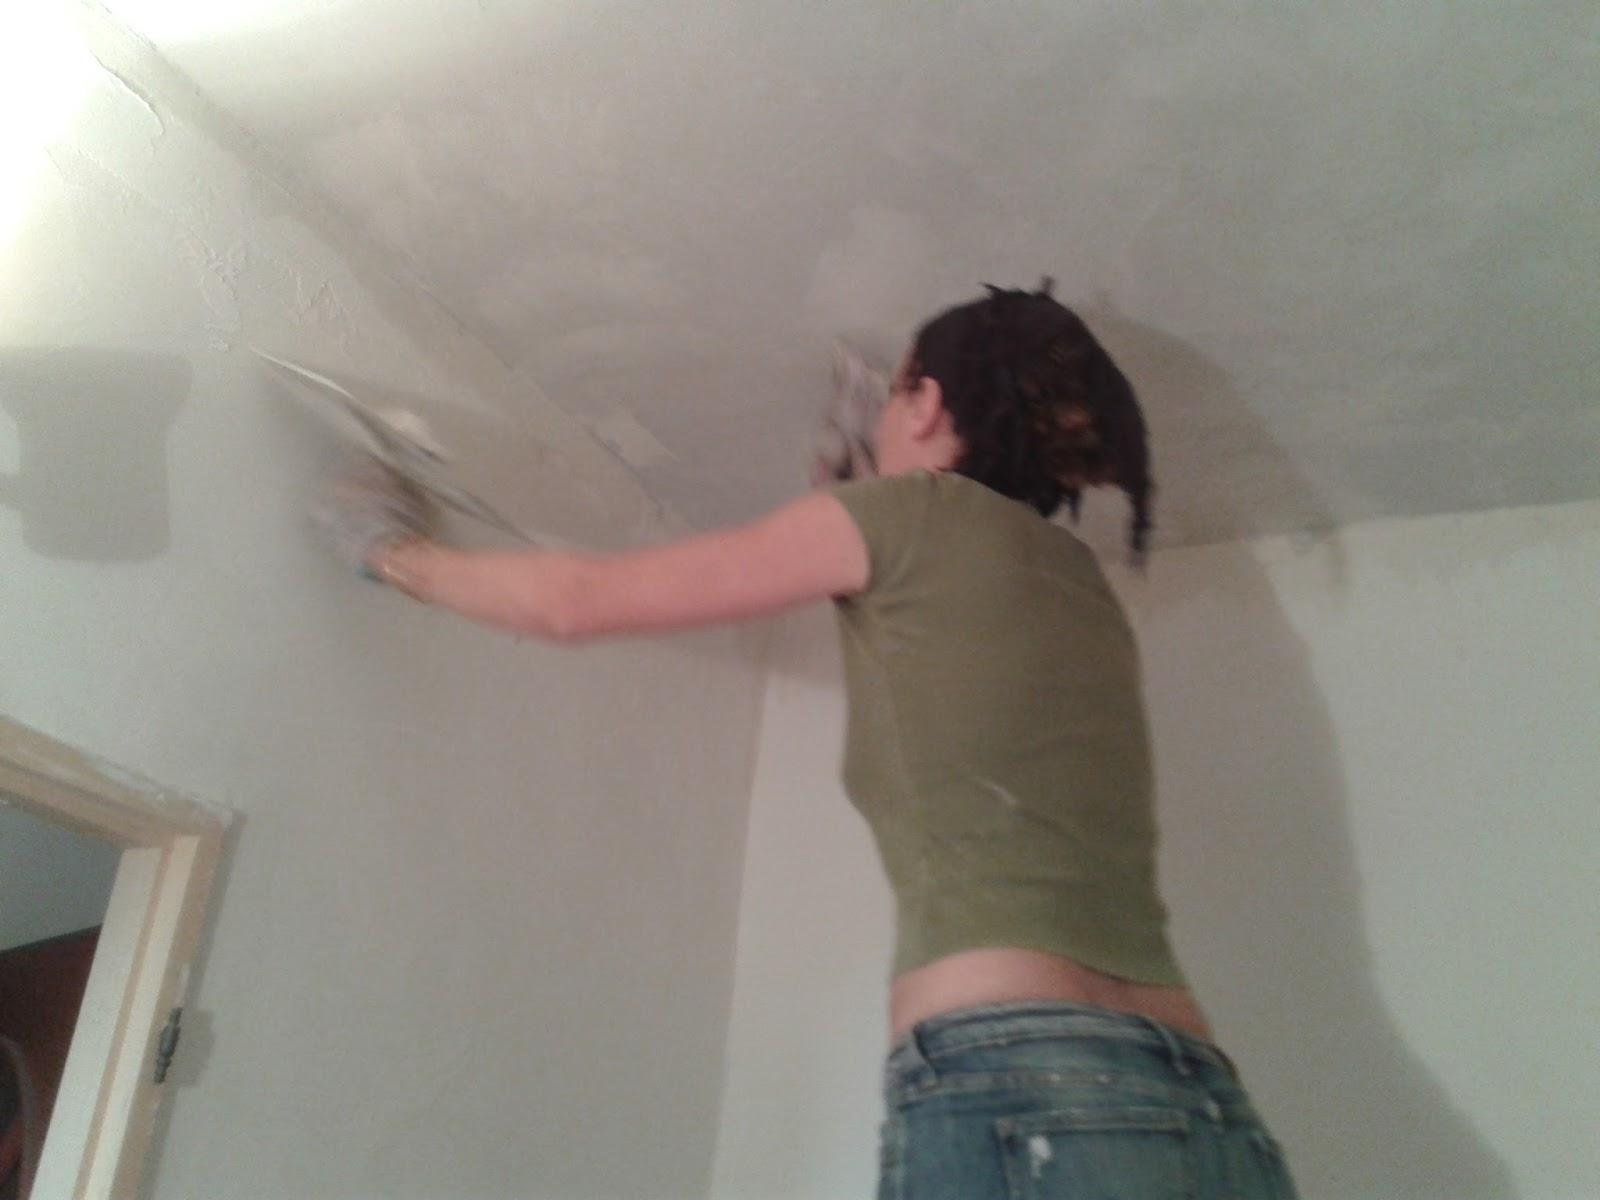 tadelakt lime plaster stucco veneziano pl tre paysan de haute provence stuc marmorino. Black Bedroom Furniture Sets. Home Design Ideas